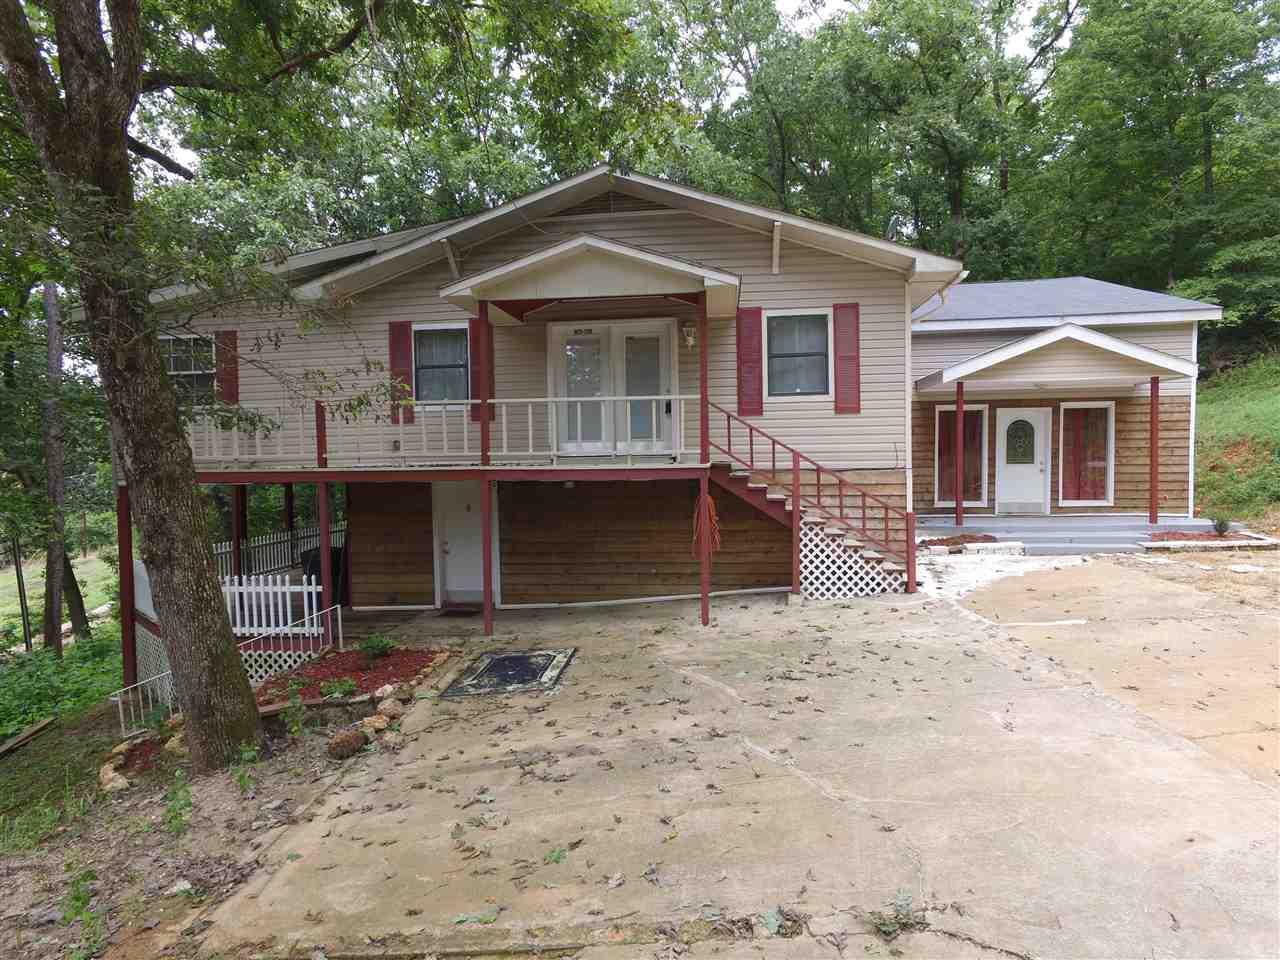 Photo of RR 1 Box 186  Williamsville  MO